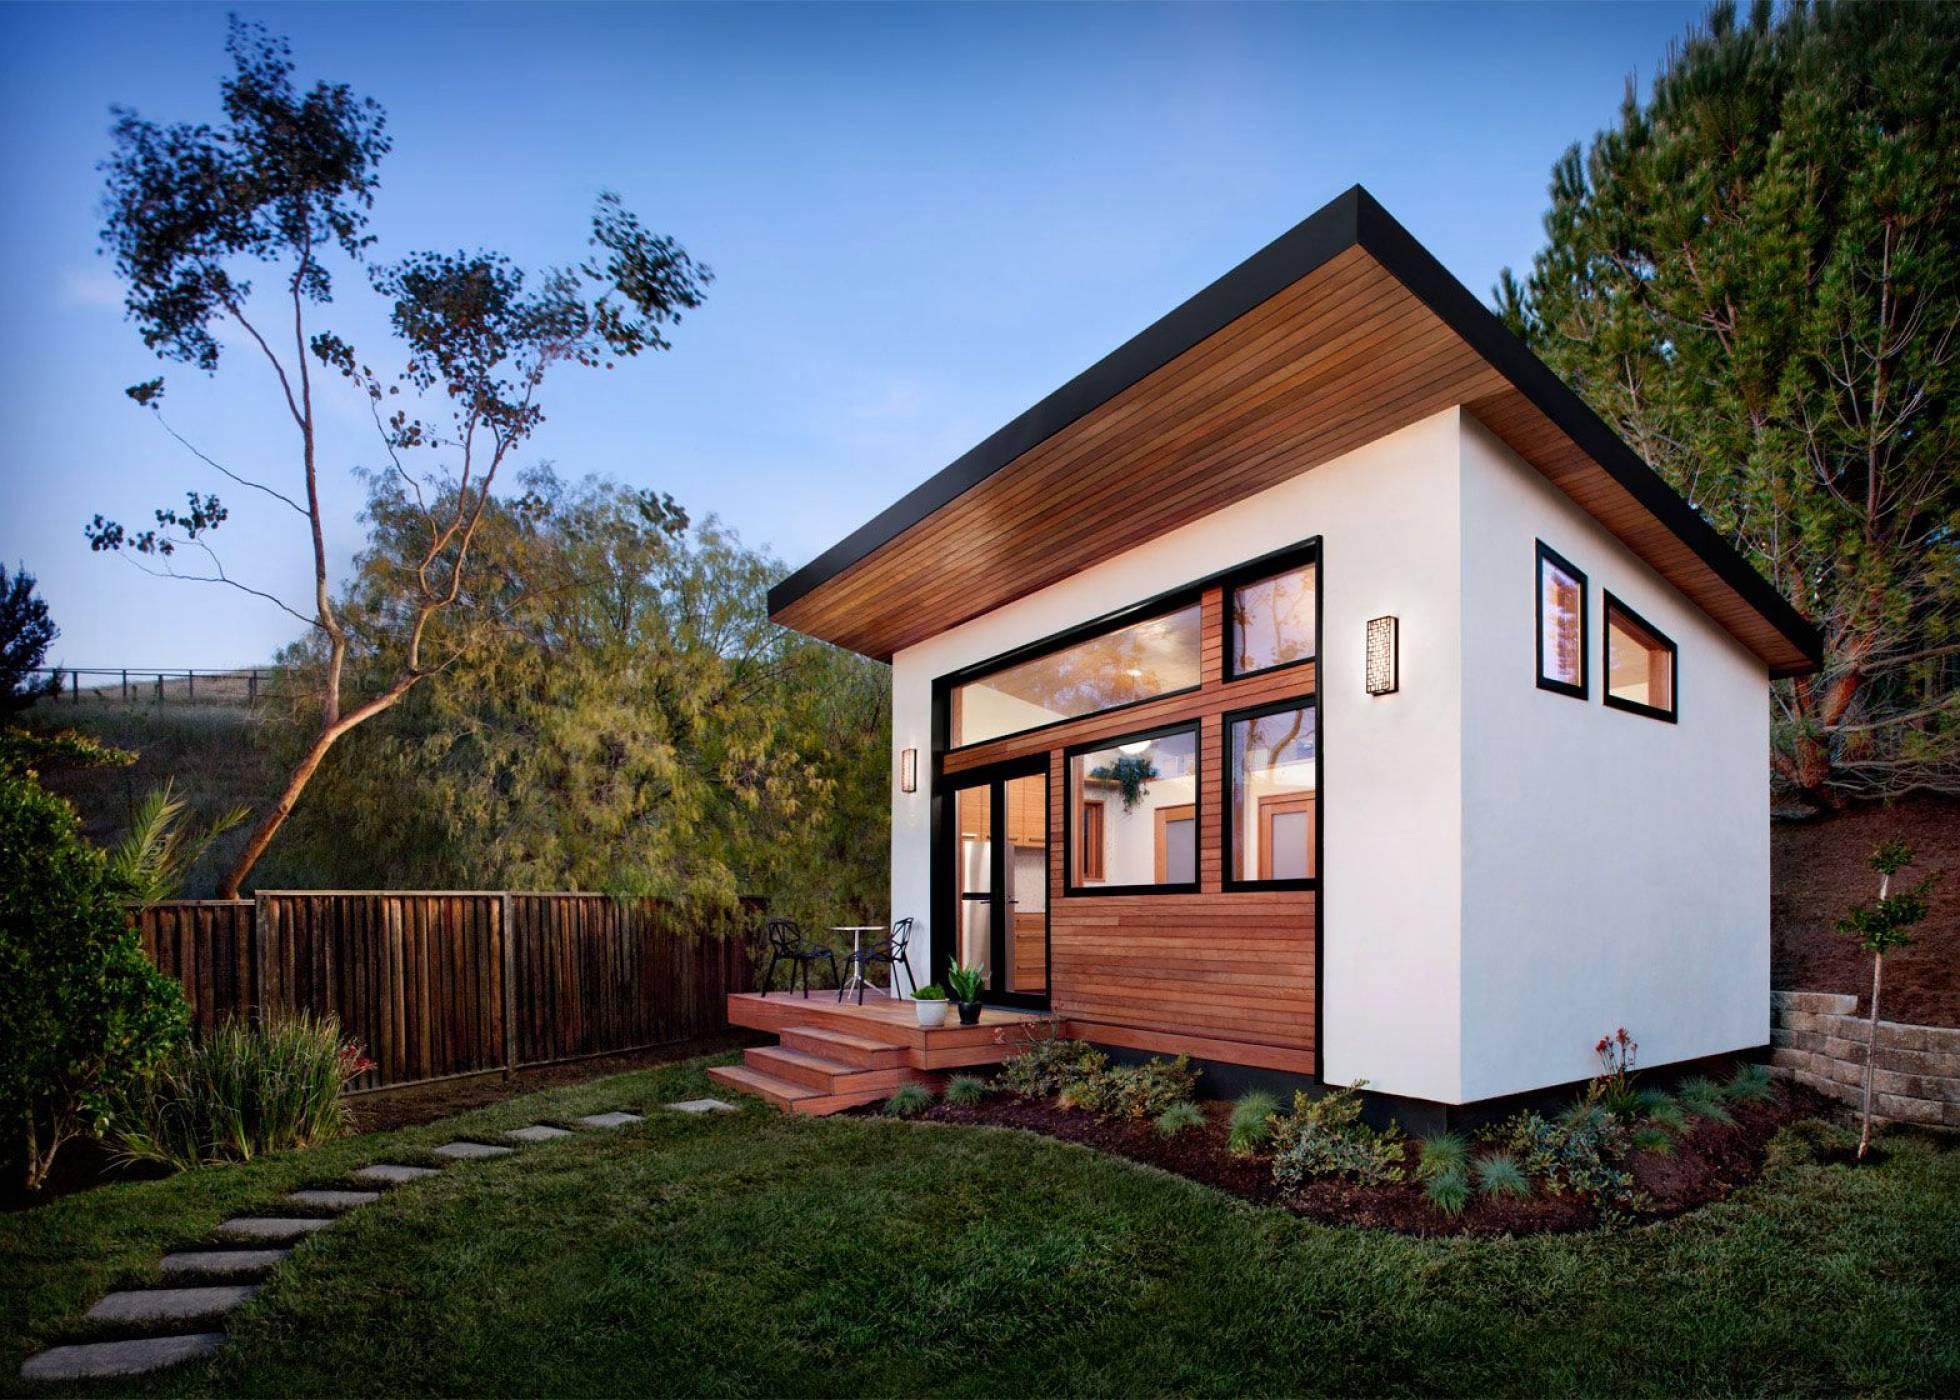 Най-интересните миниатюрни хай-тек къщи, създадени от високотехнологични компании